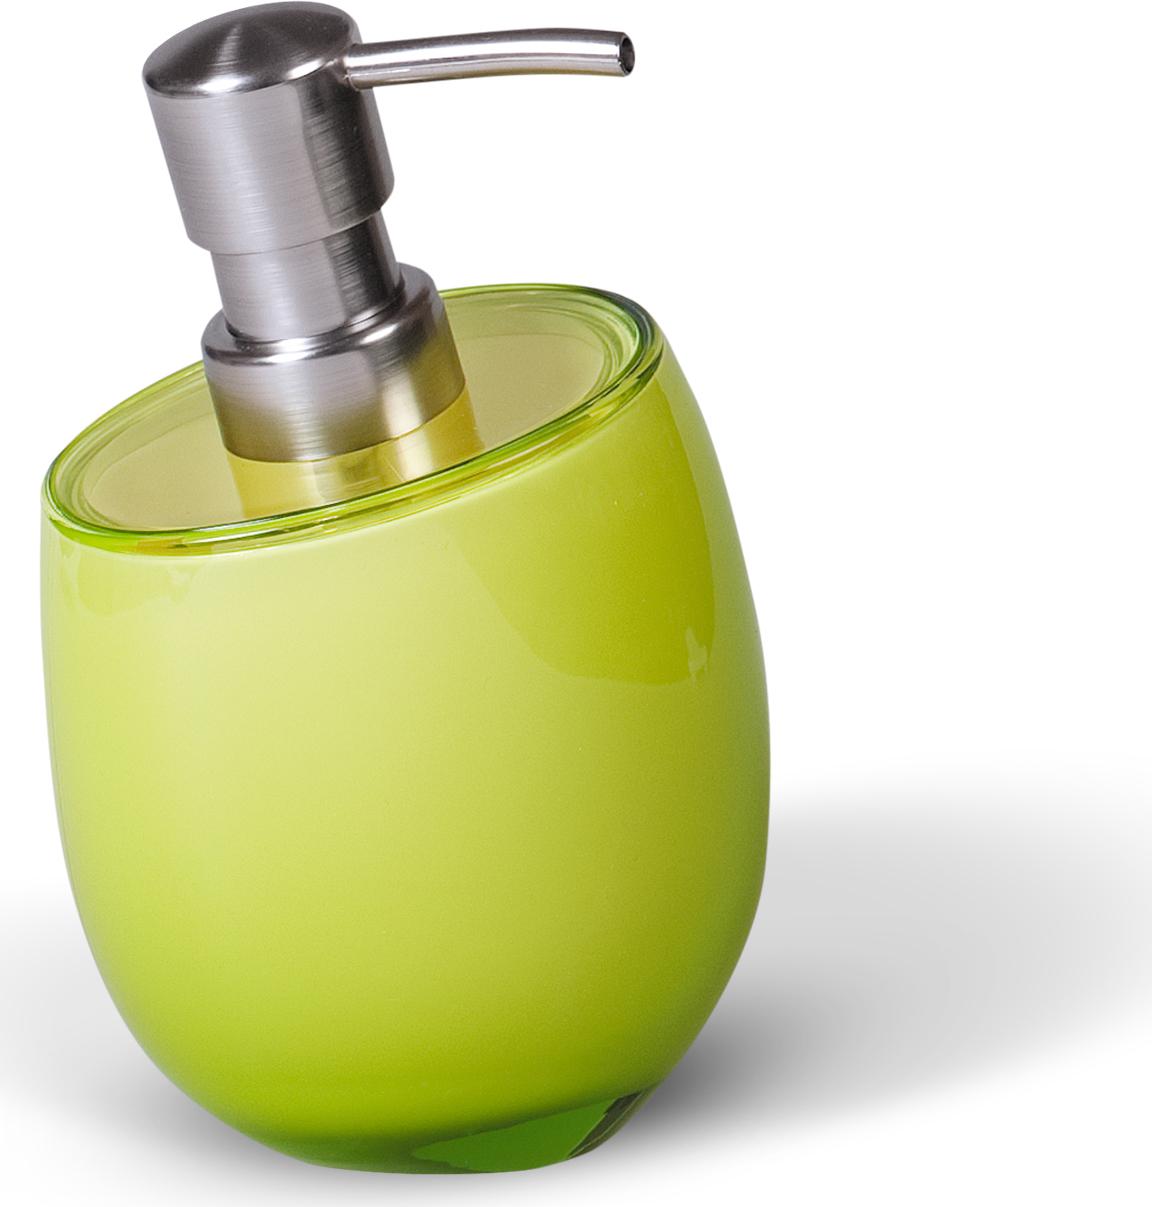 Дозатор для жидкого мыла Immanuel Repose Green, цвет: салатовый. 12325 мыльница immanuel repose green салатовый 12295